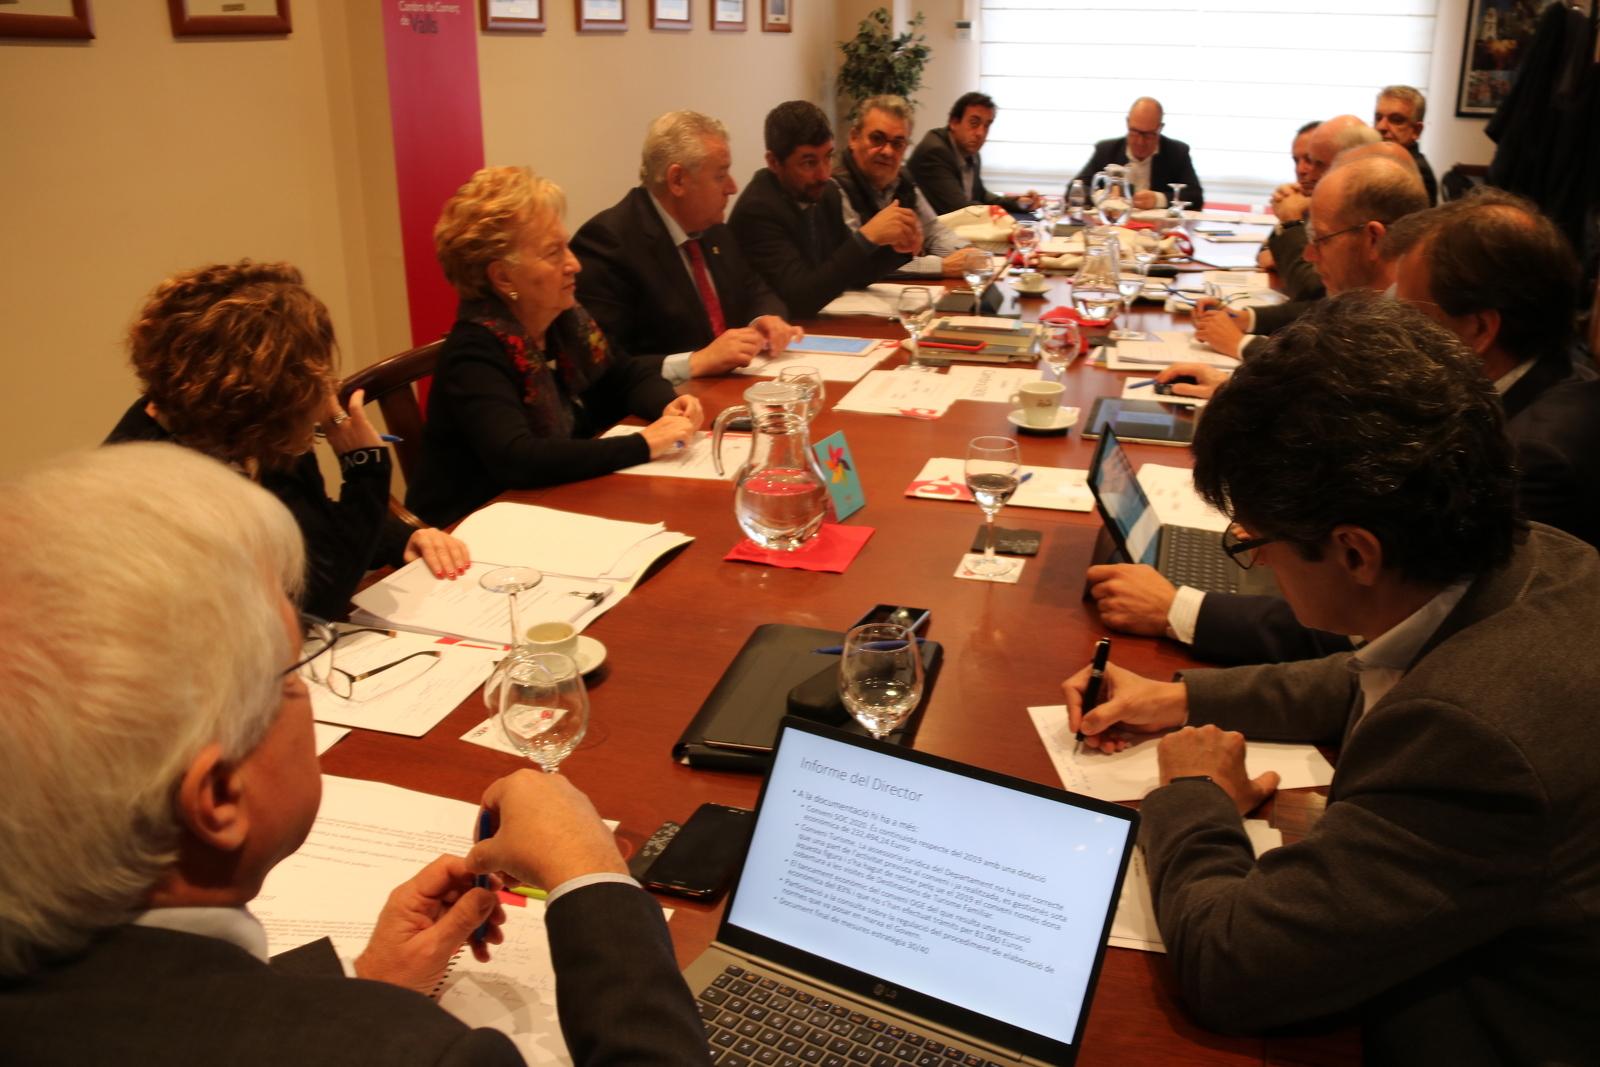 Reunió del comitè executiu de les cambres de comerç catalanes i del consell de presidents, reunits per primer cop a Valls